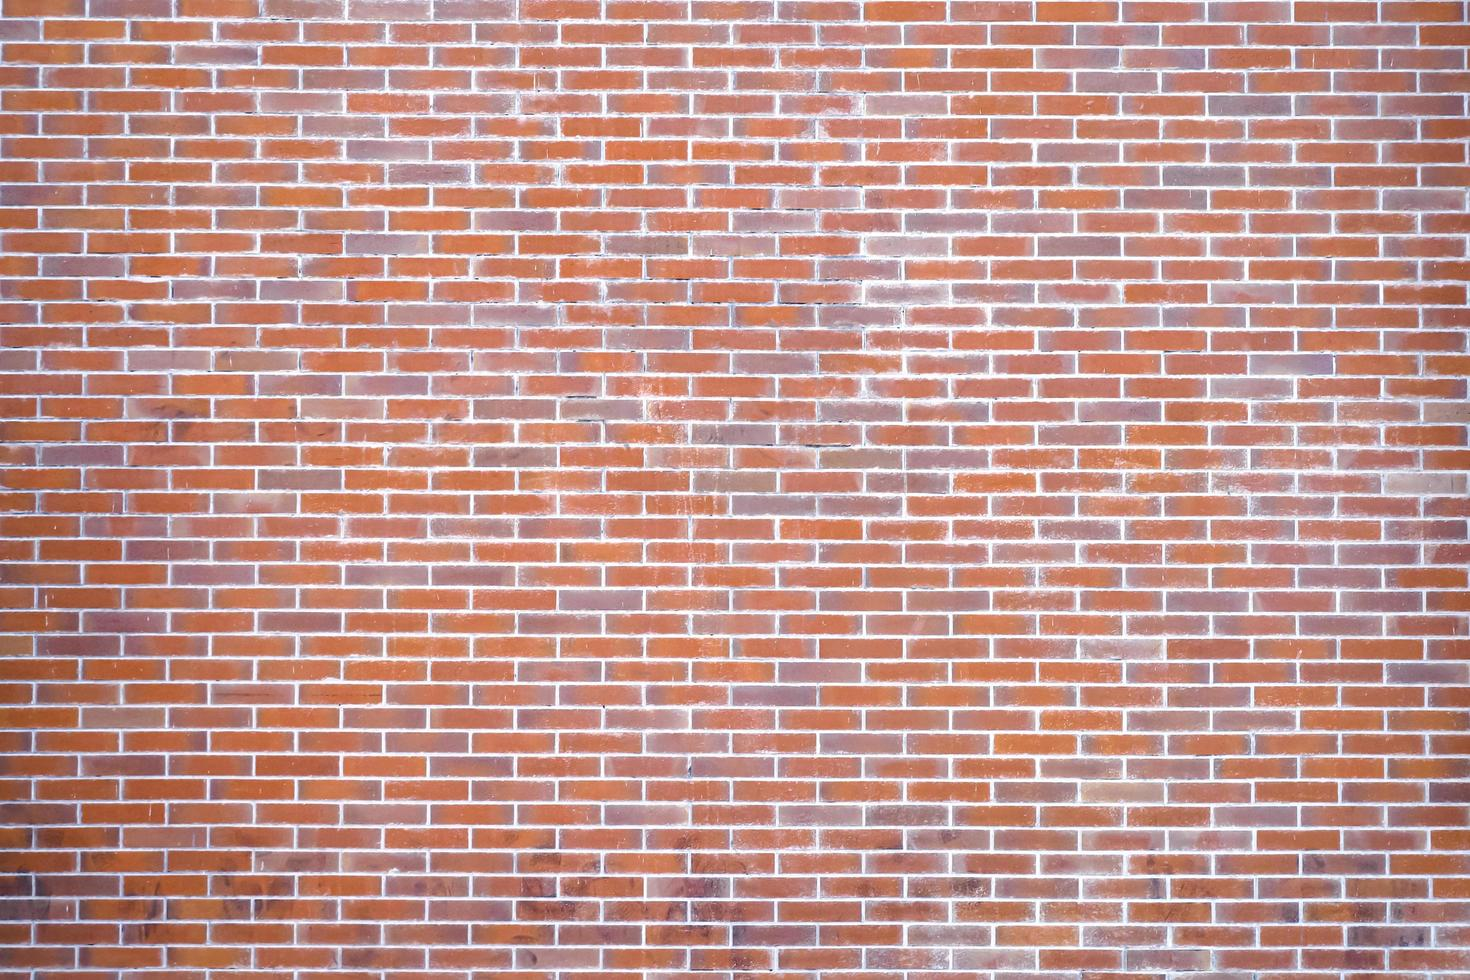 muro di mattoni arancione e rosso foto